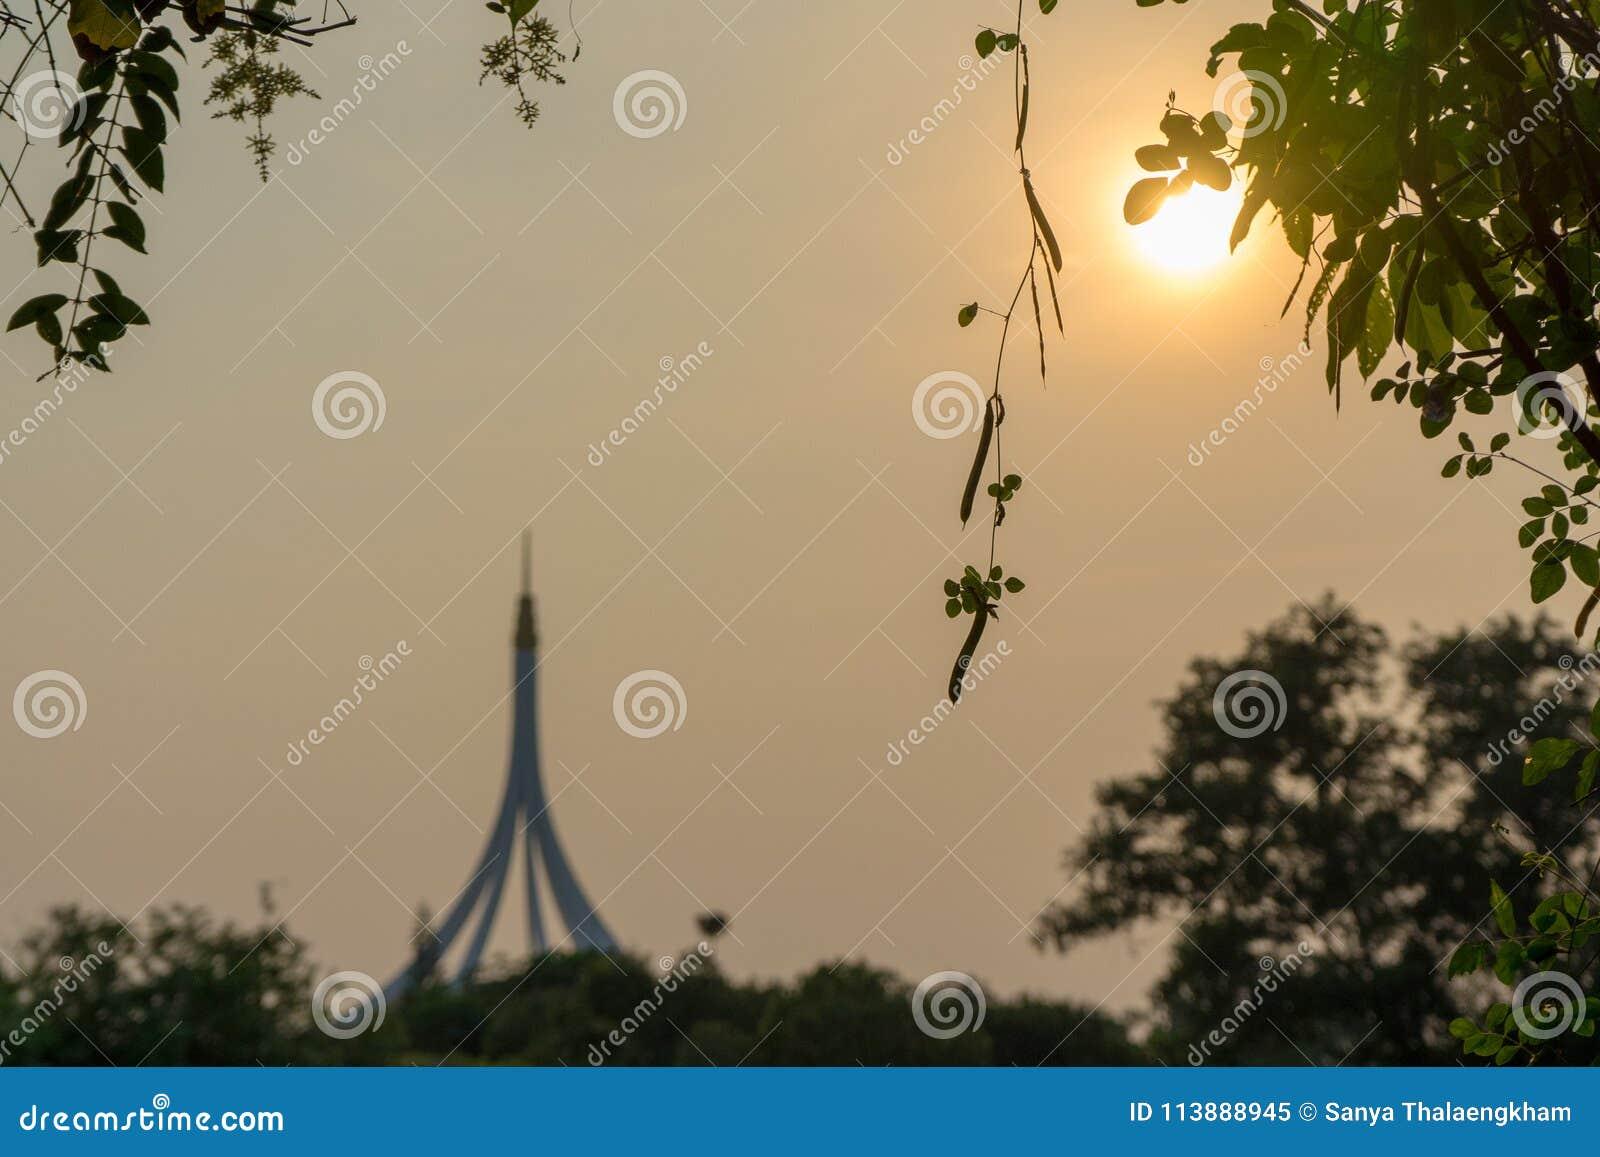 Der Sonnenuntergang heute beleuchtet